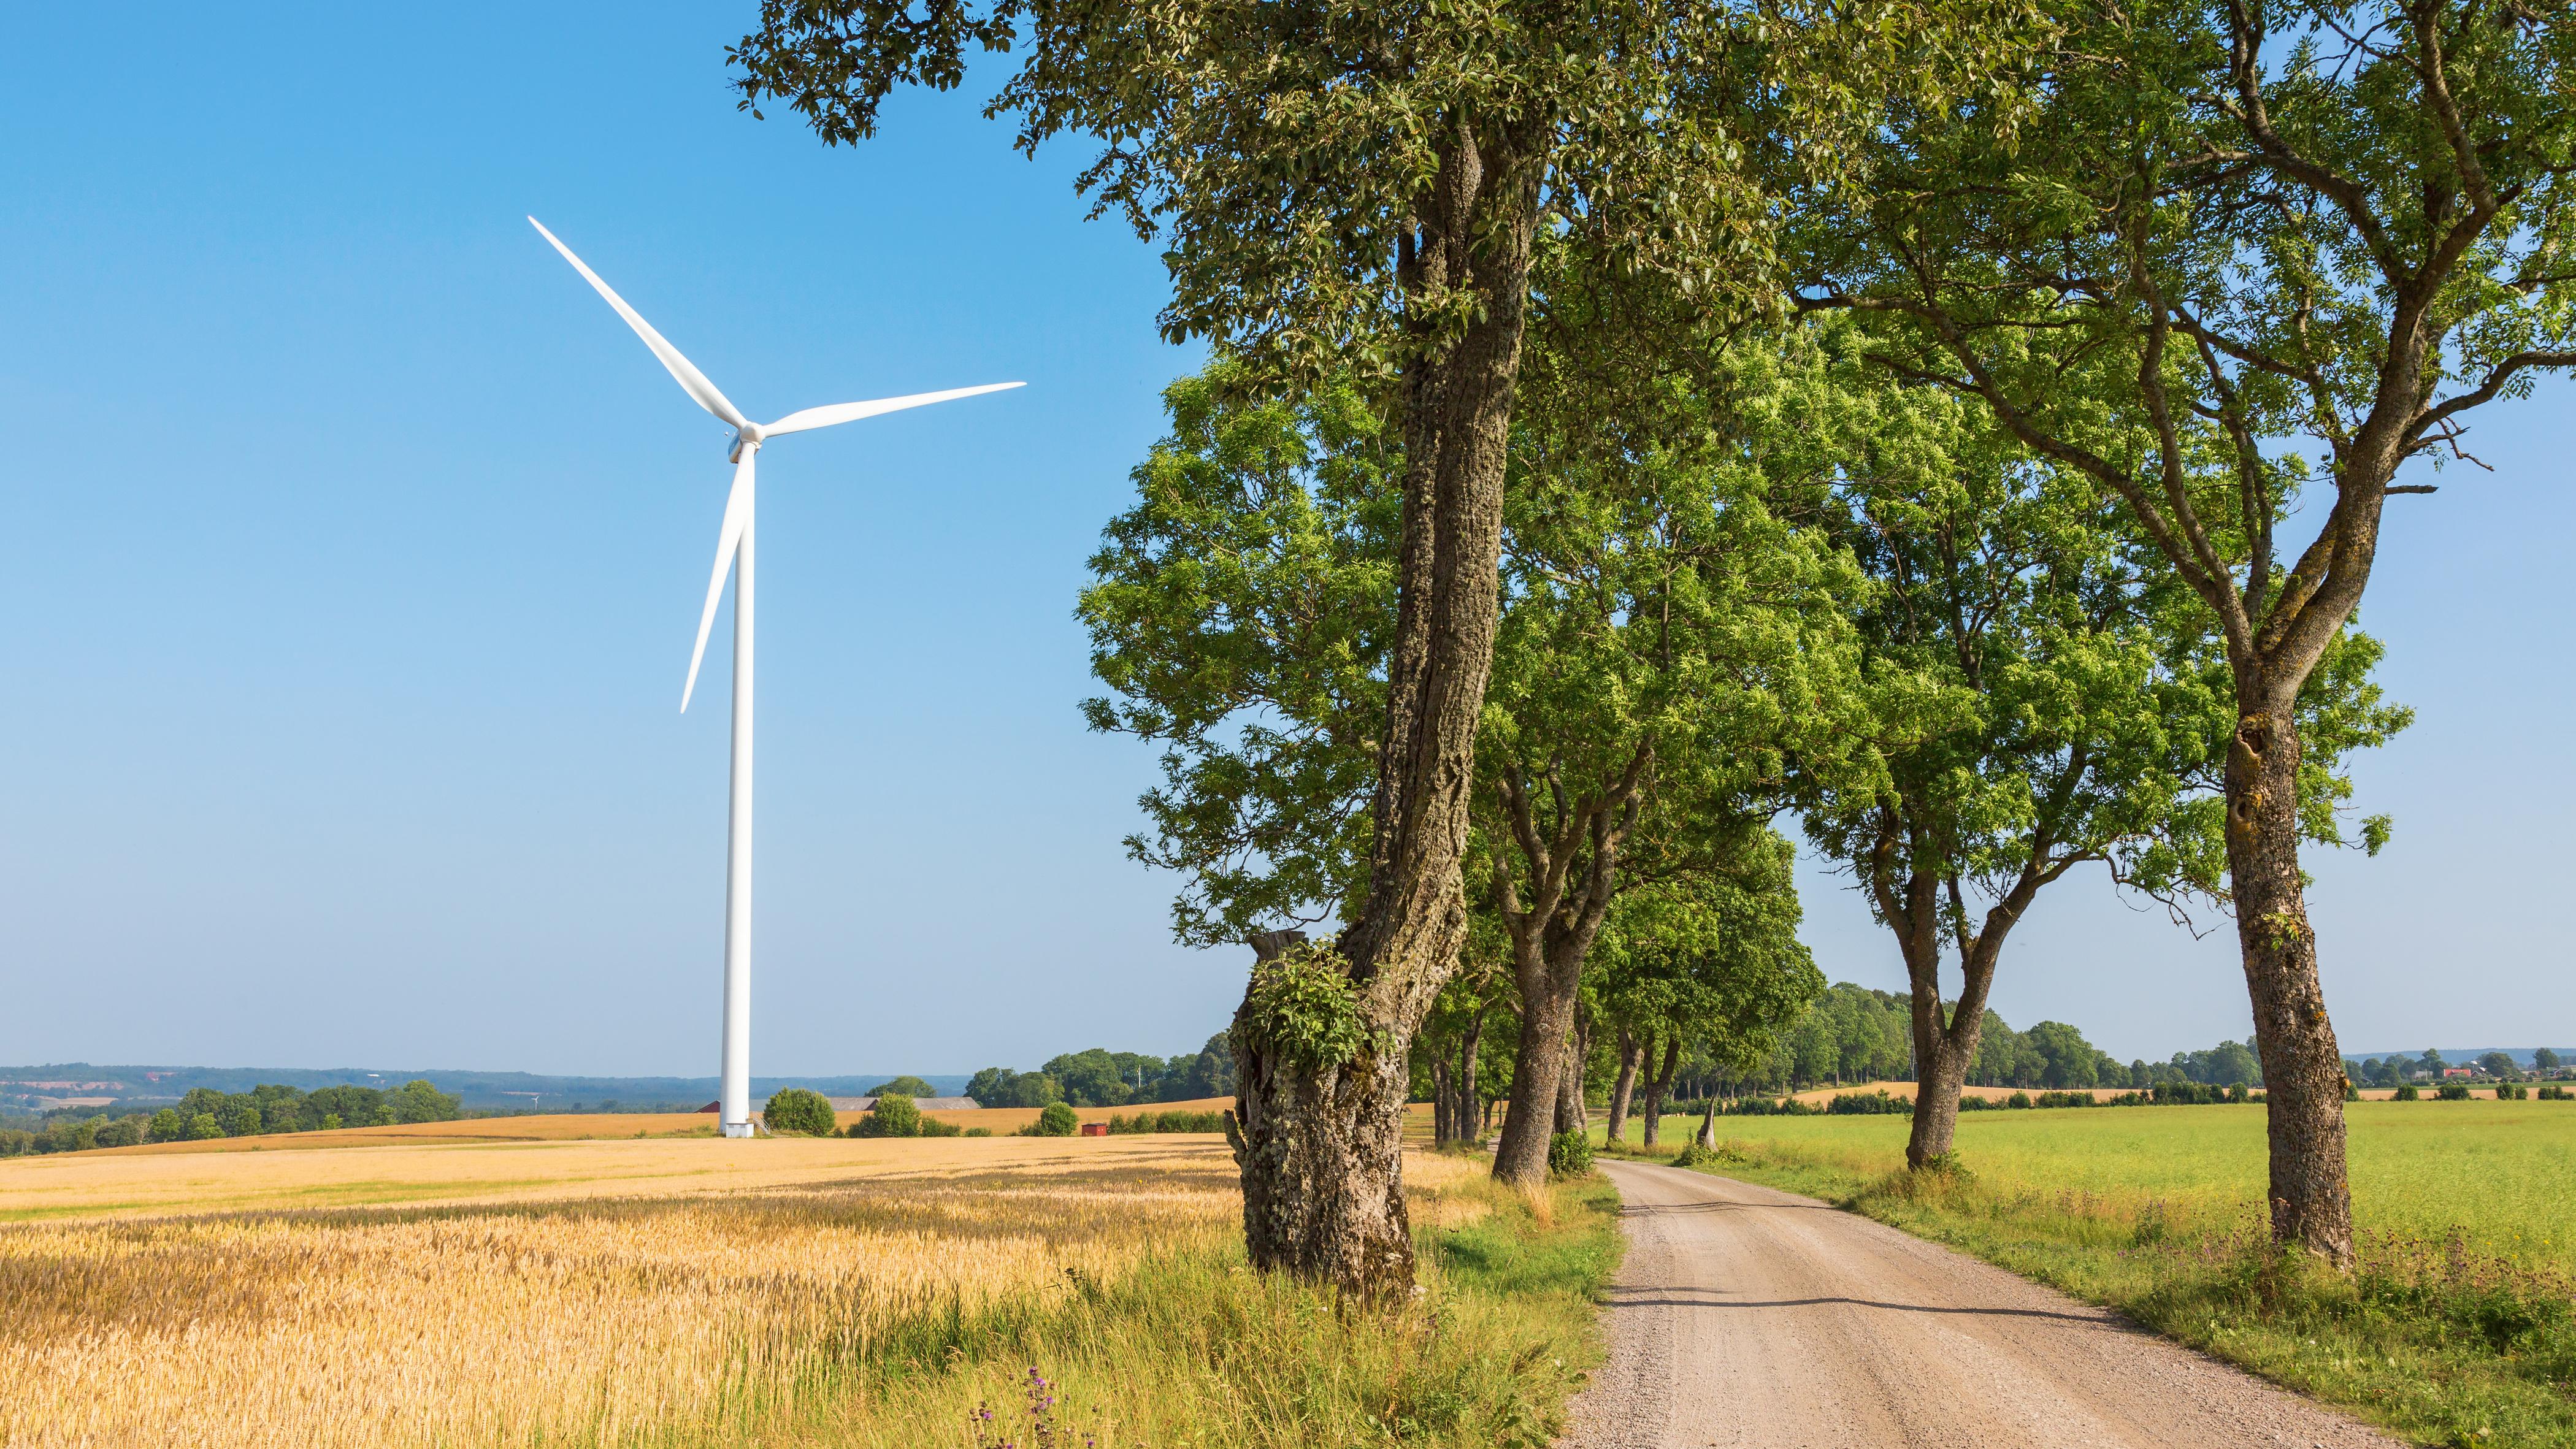 Grästorp Energi valitsi Landis+Gyrin etäluentaratkaisun NB-IoT -tiedonsiirrolla: valtteina luotettavuus, ennakoitavuus ja edulliset elinkaarikustannukset